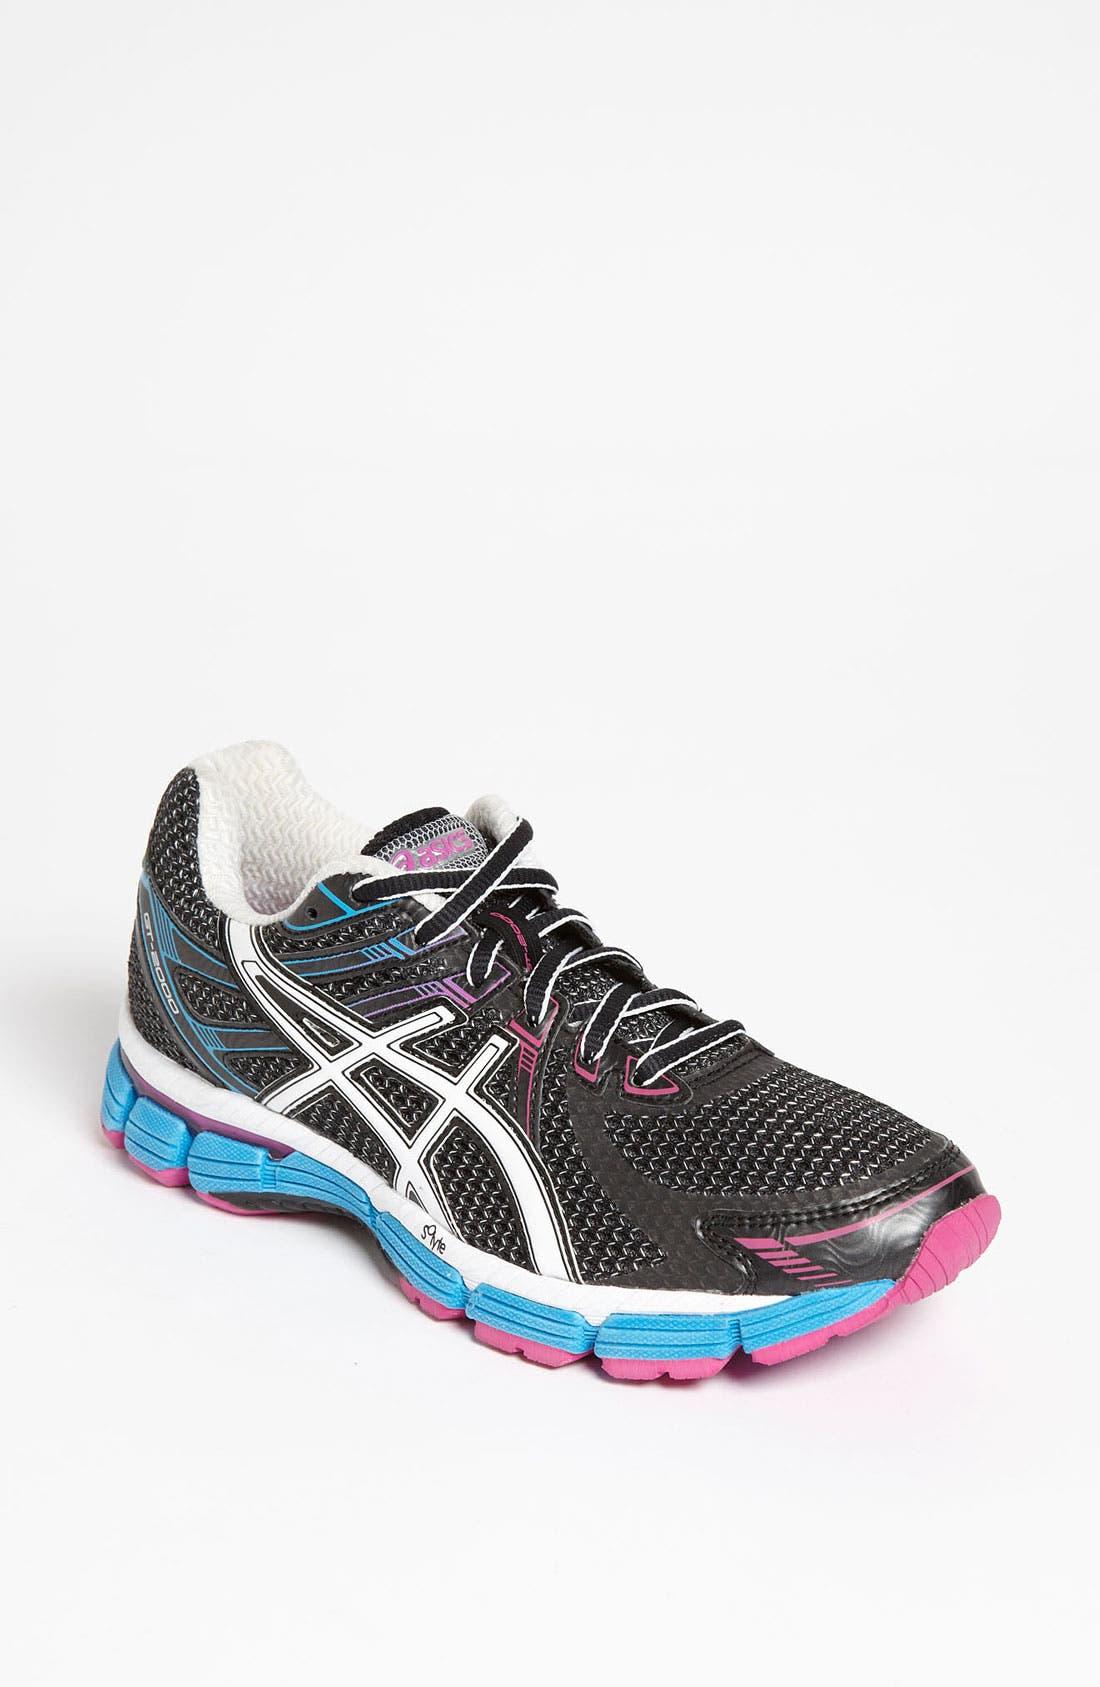 Alternate Image 1 Selected - ASICS® 'GT 2000' Running Shoe (Women)